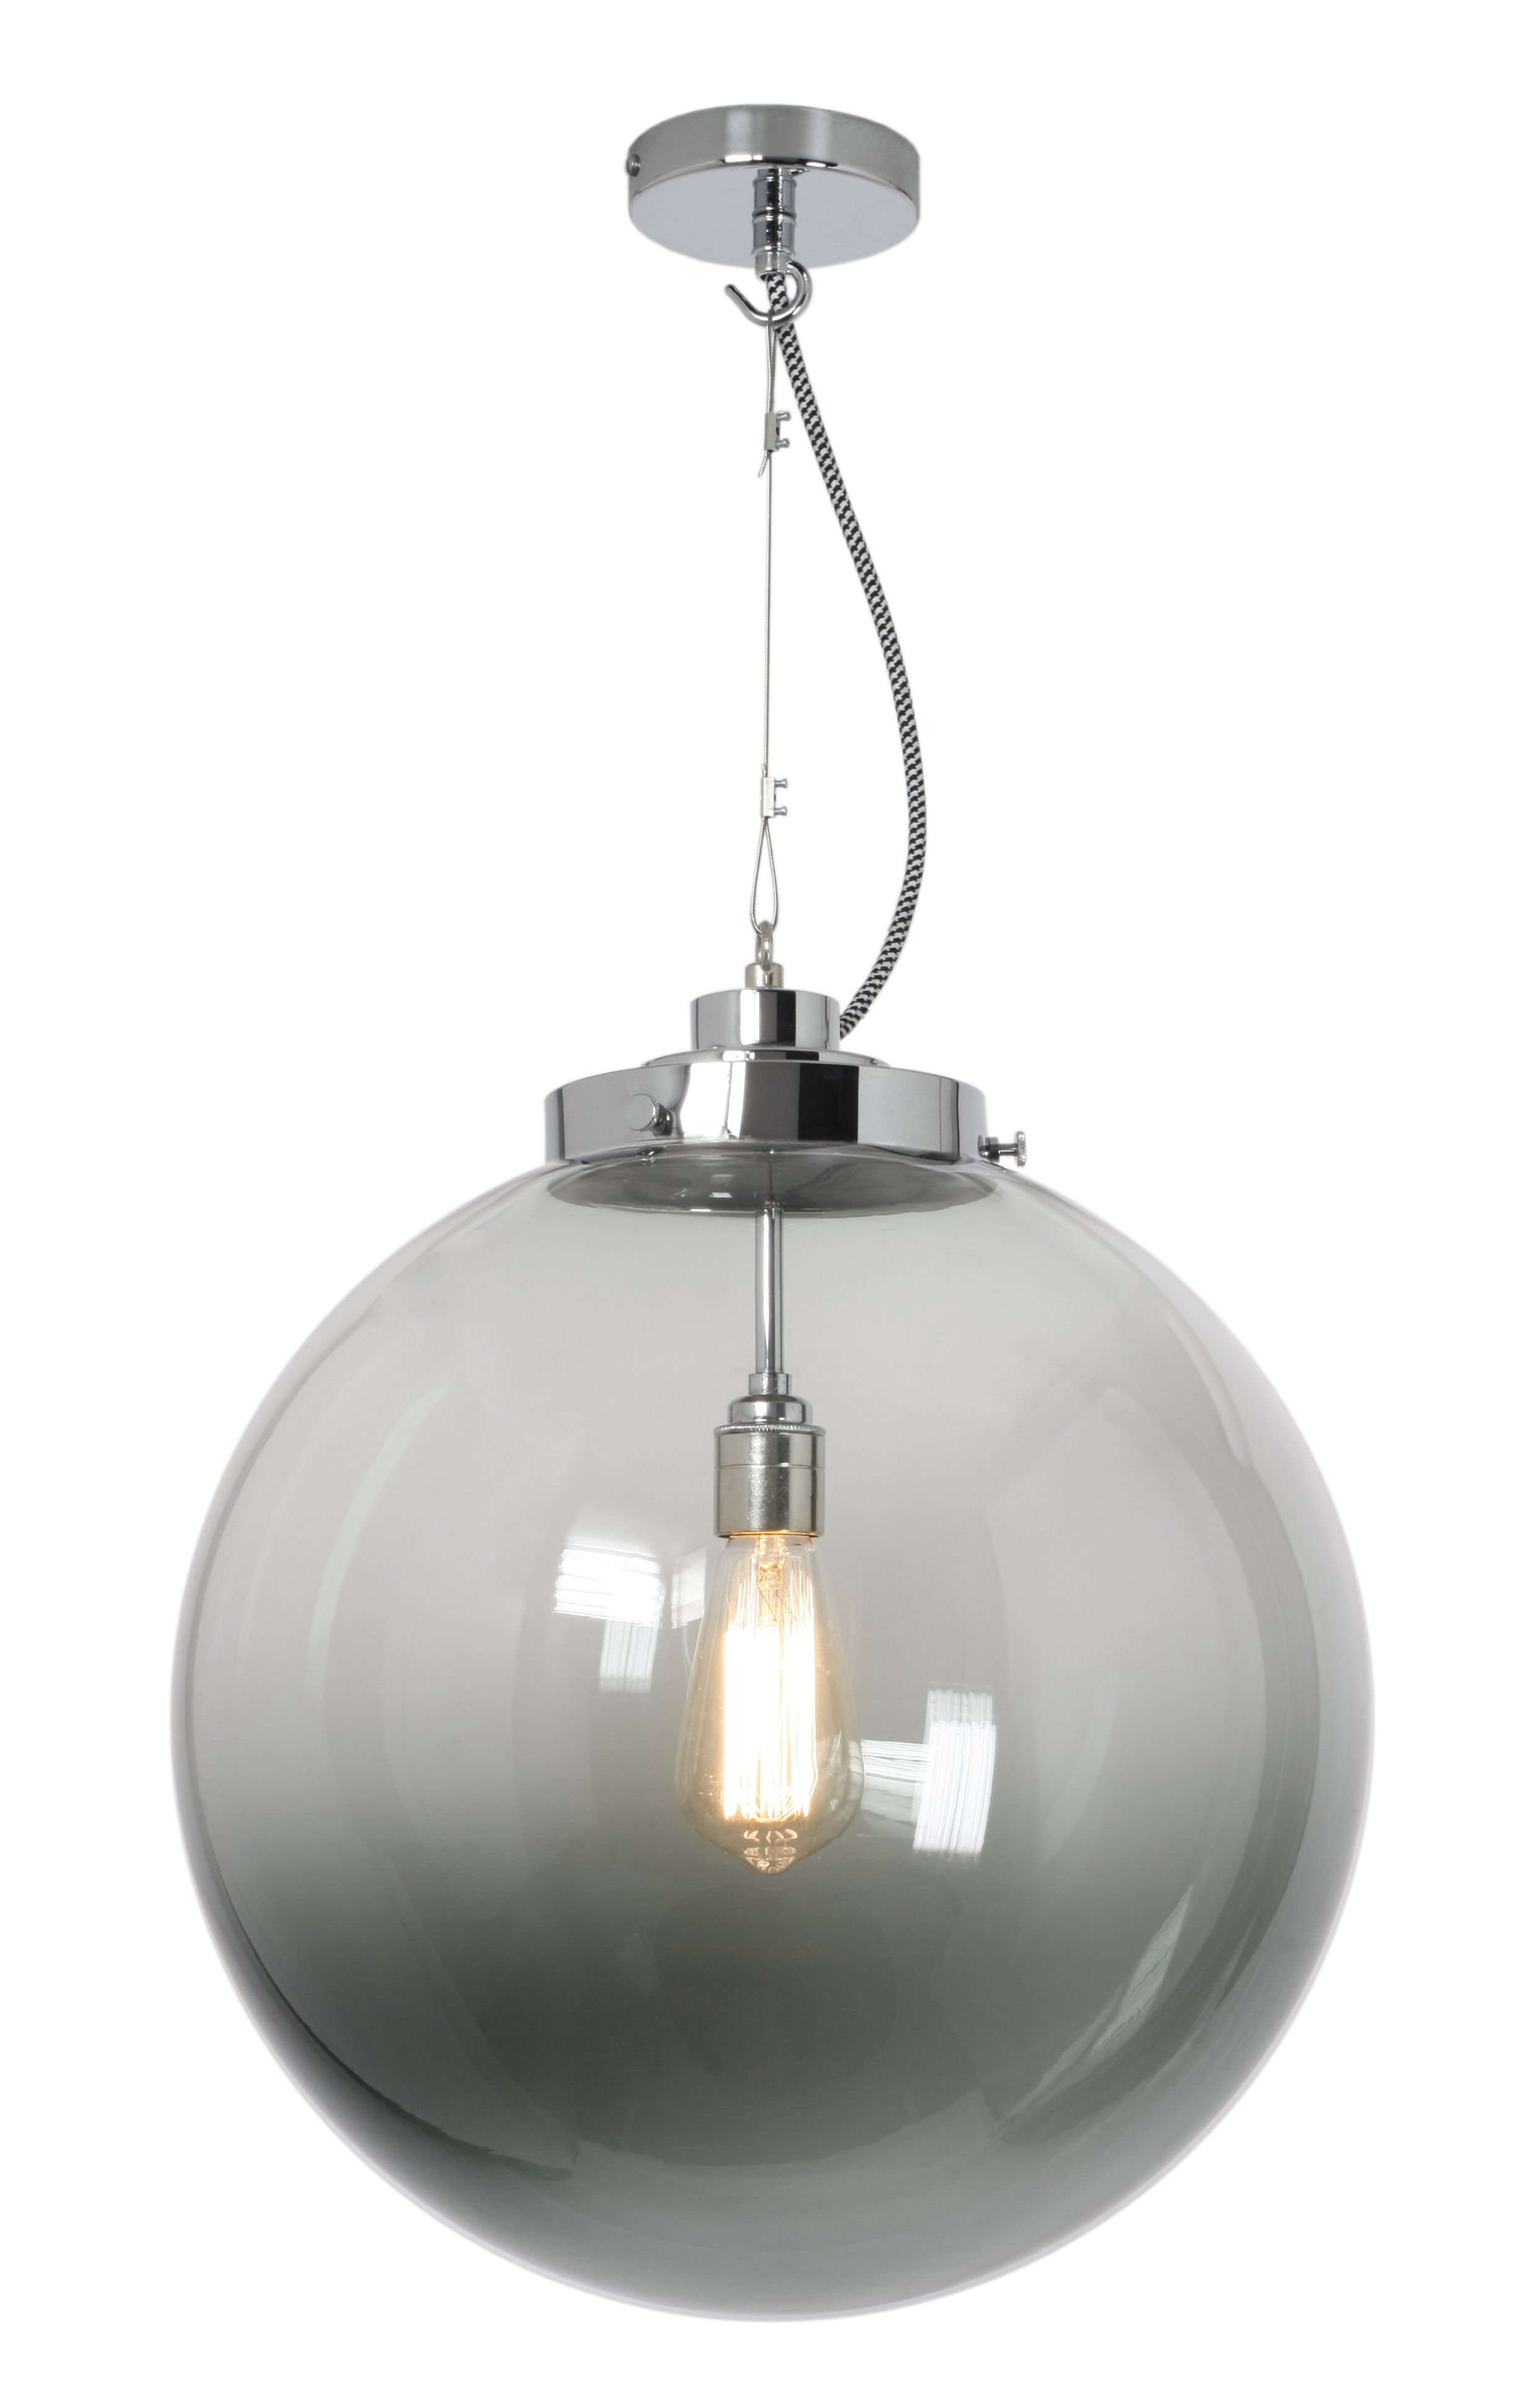 Luminaire - Suspensions - Suspension Globe large / Ø 40 cm - Verre soufflé - Original BTC - Verre anthracite / Chromé - Métal chromé, Verre soufflé